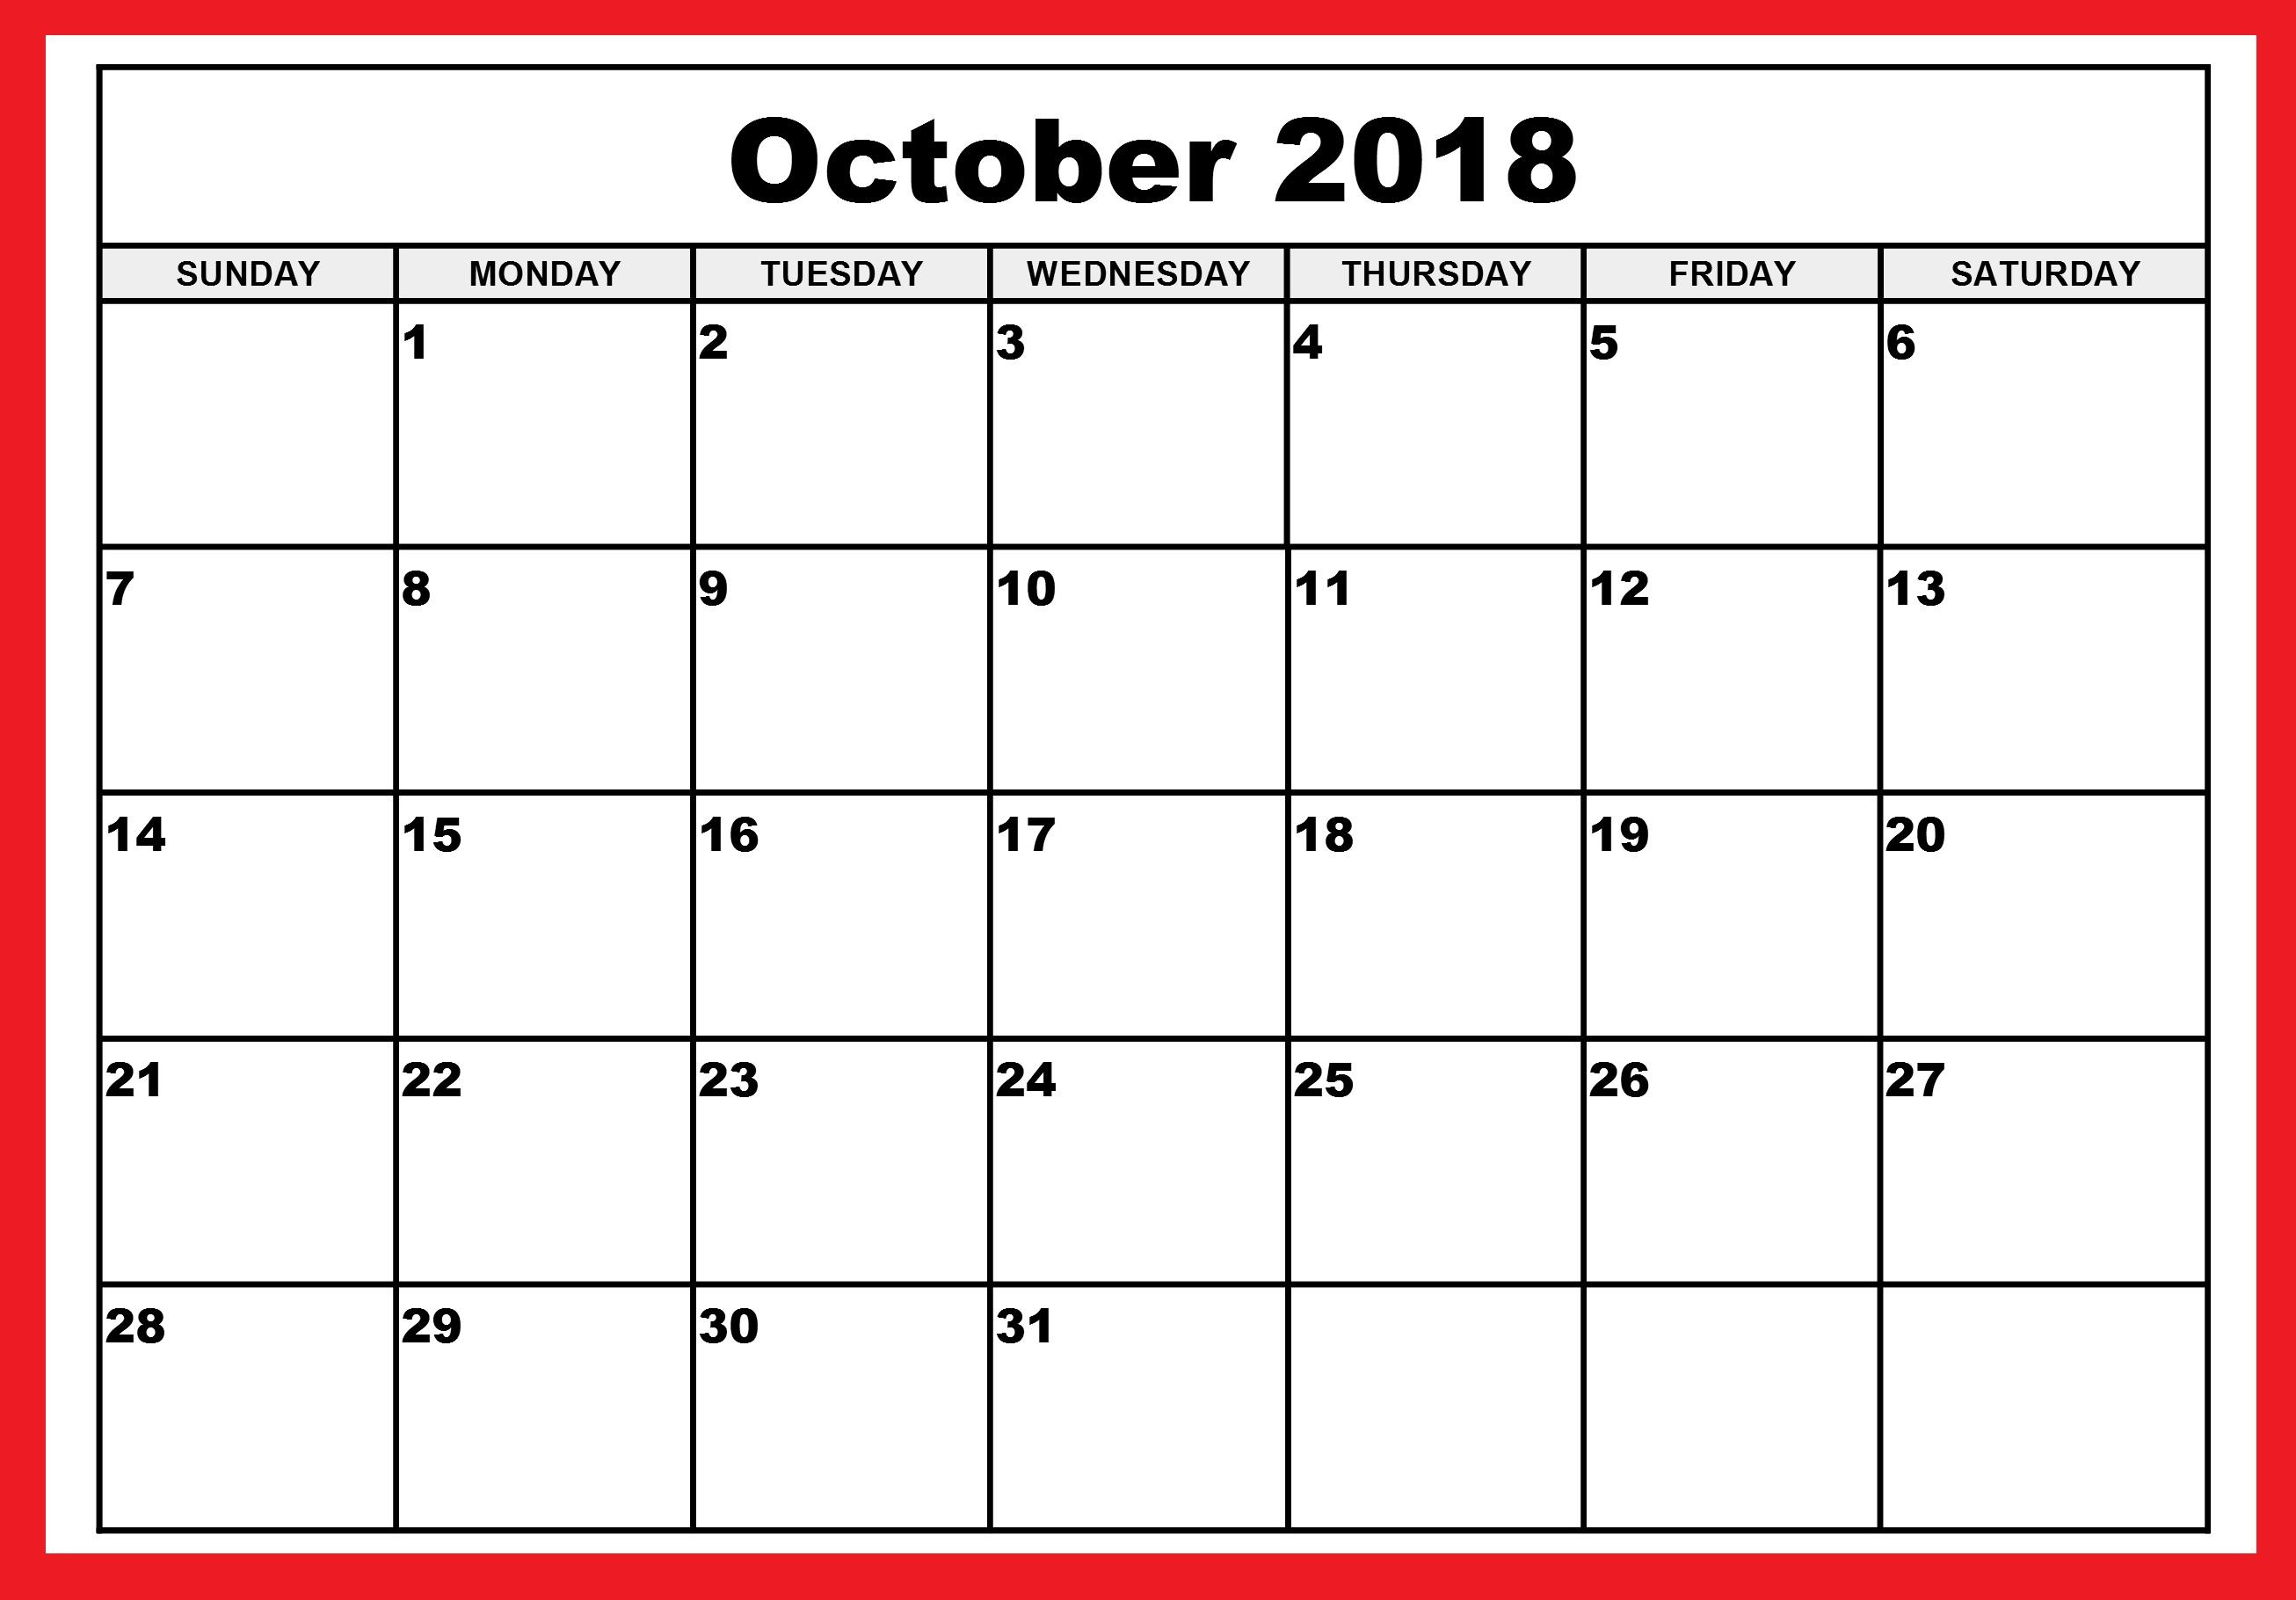 2018 October Calendar Printable